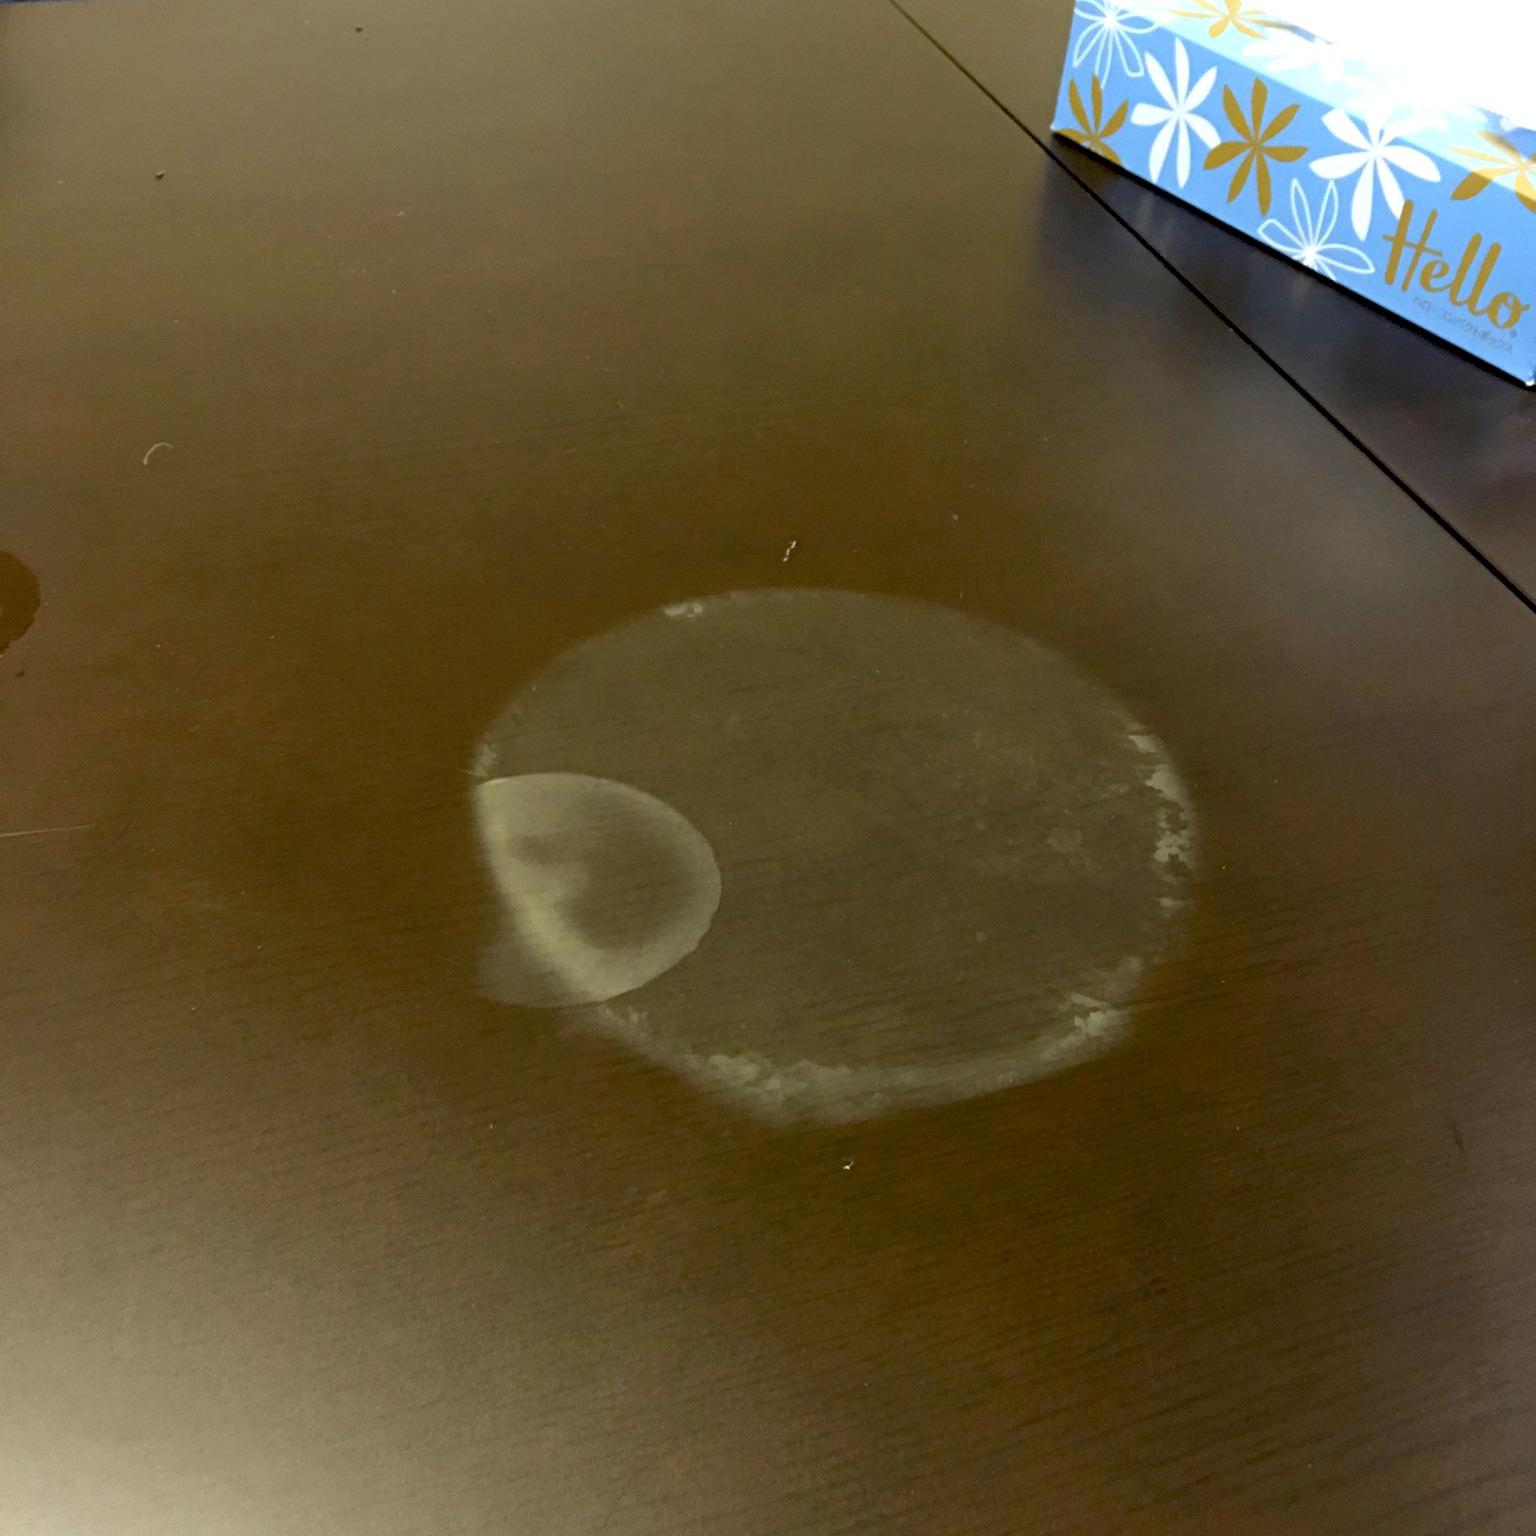 【損傷】熱々のラーメンの鍋直置きしちゃいました。